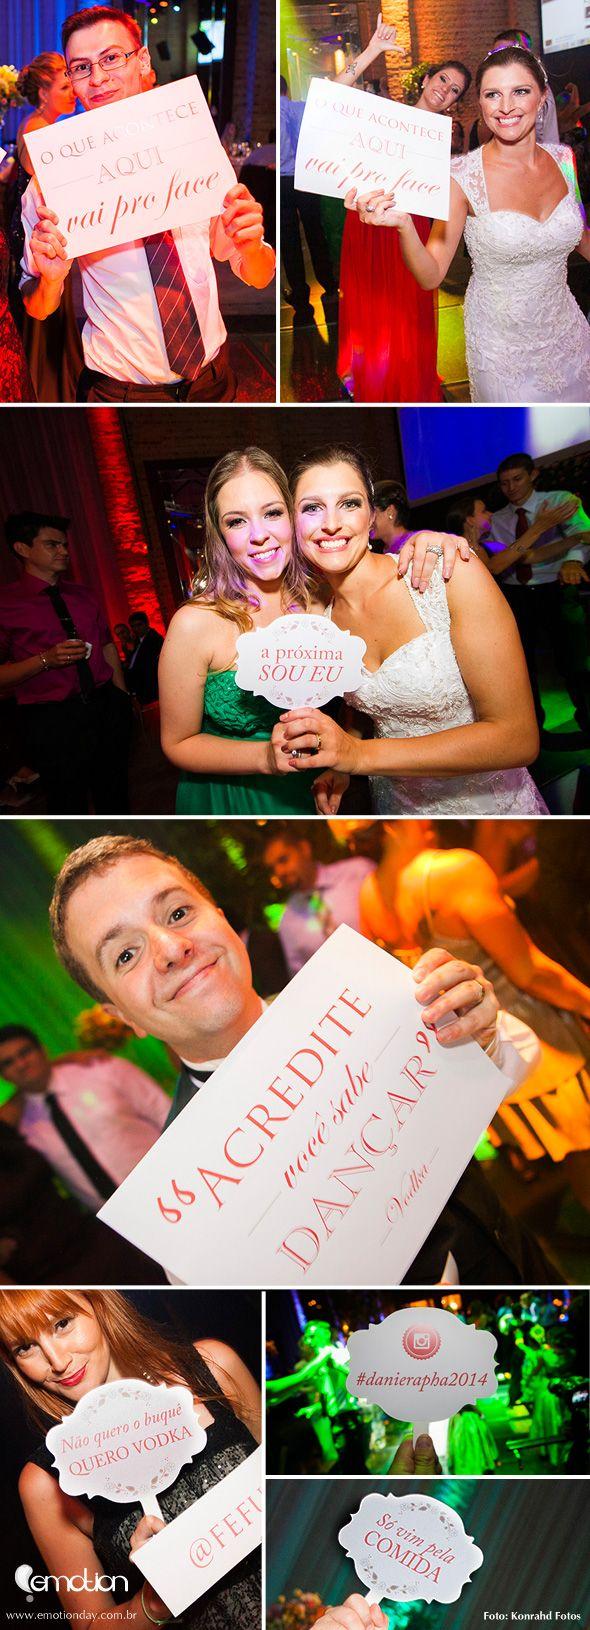 Plaquinhas personalidas de fotos para festa de casamento   Custom photobooth signs for Wedding Reception